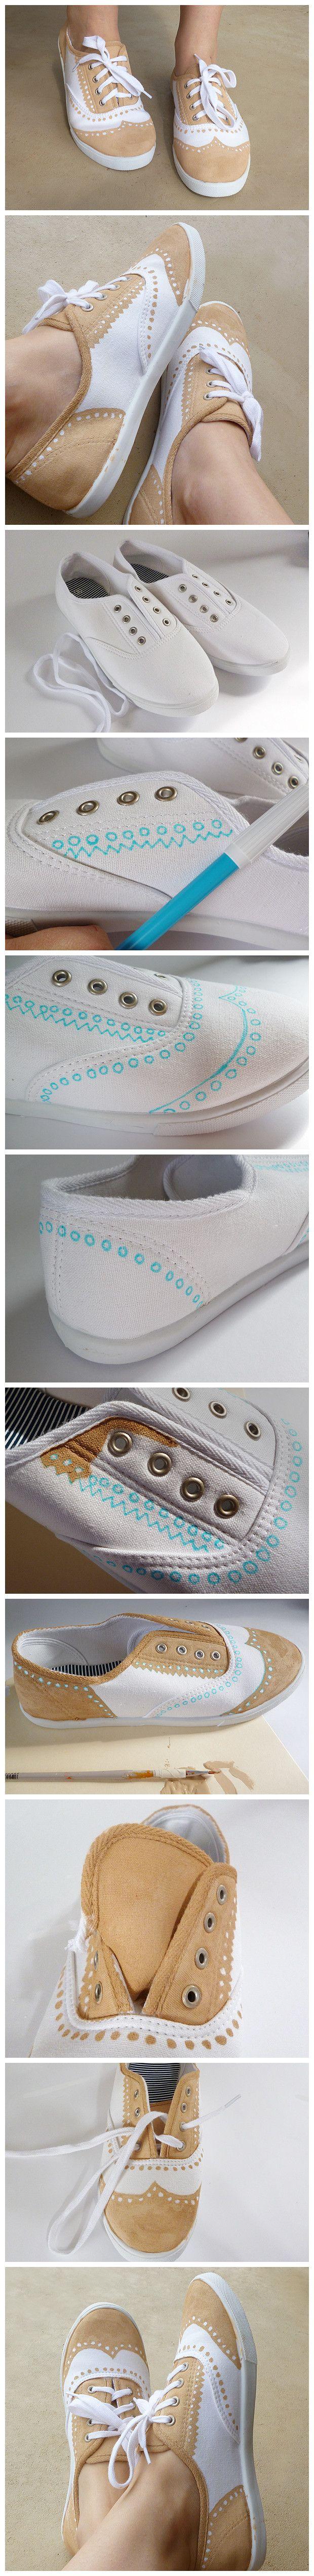 I want them! :)